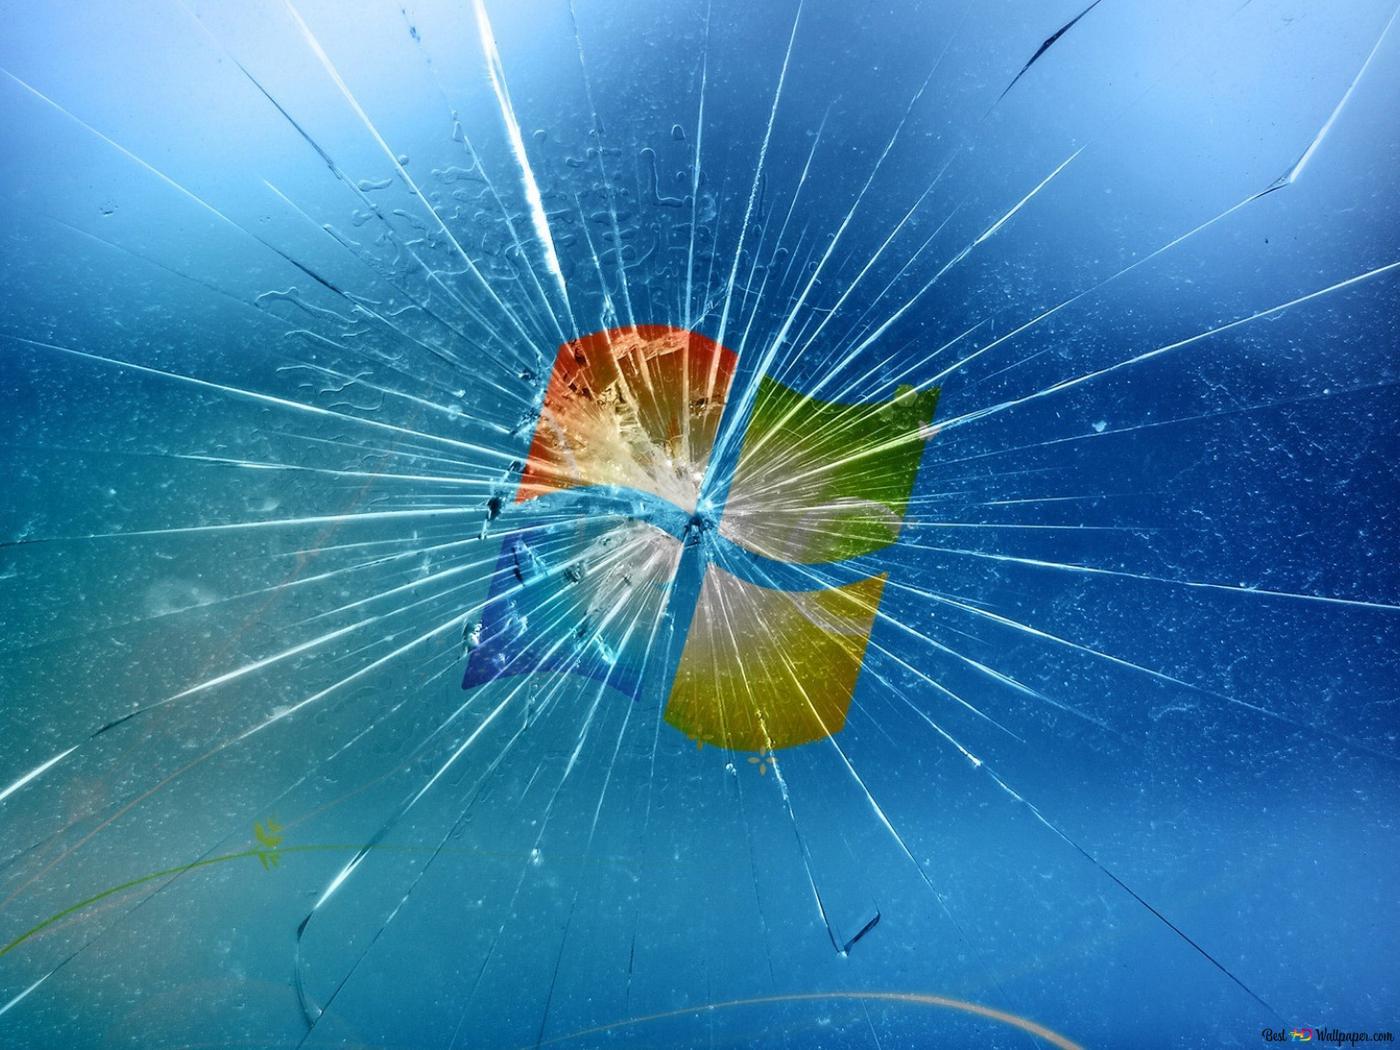 壊れた窓 Hd壁紙のダウンロード